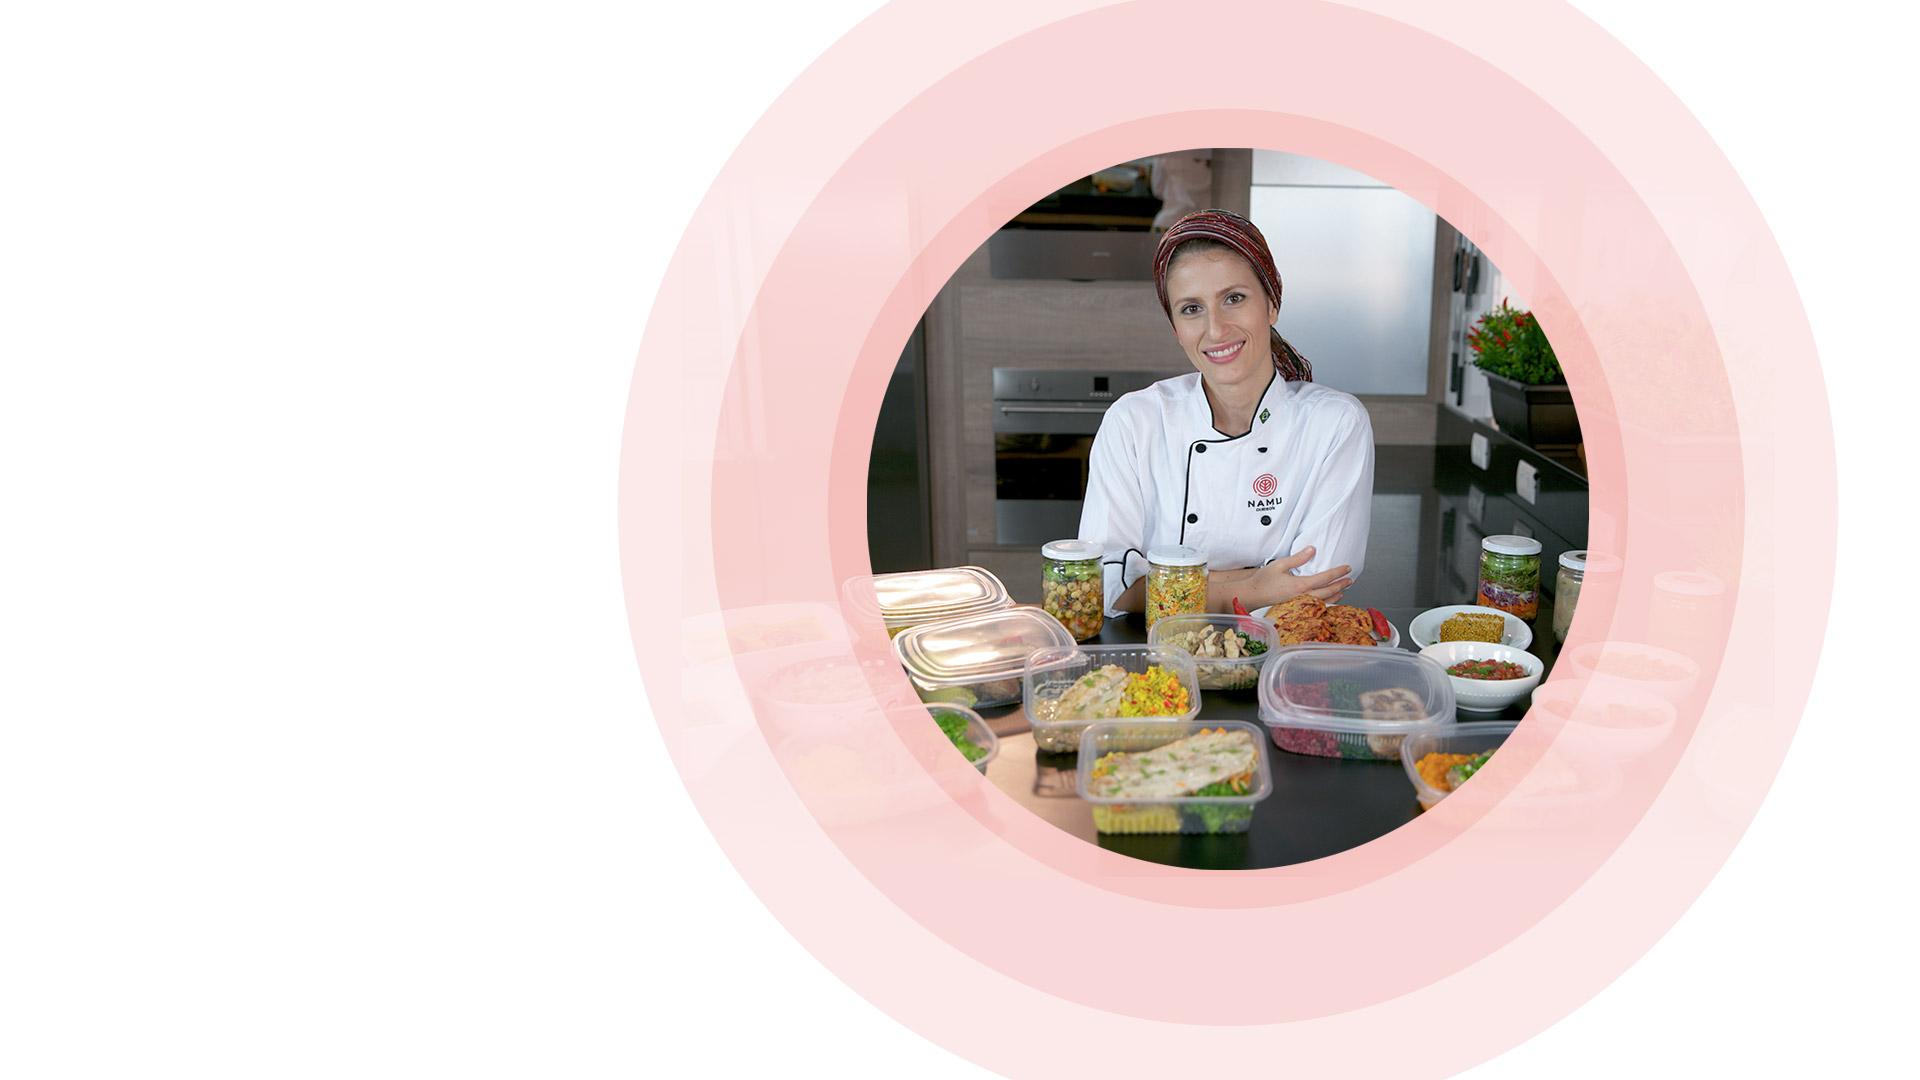 Marmitas saudáveis: as tradicionais quentinhas em versões equilibradas